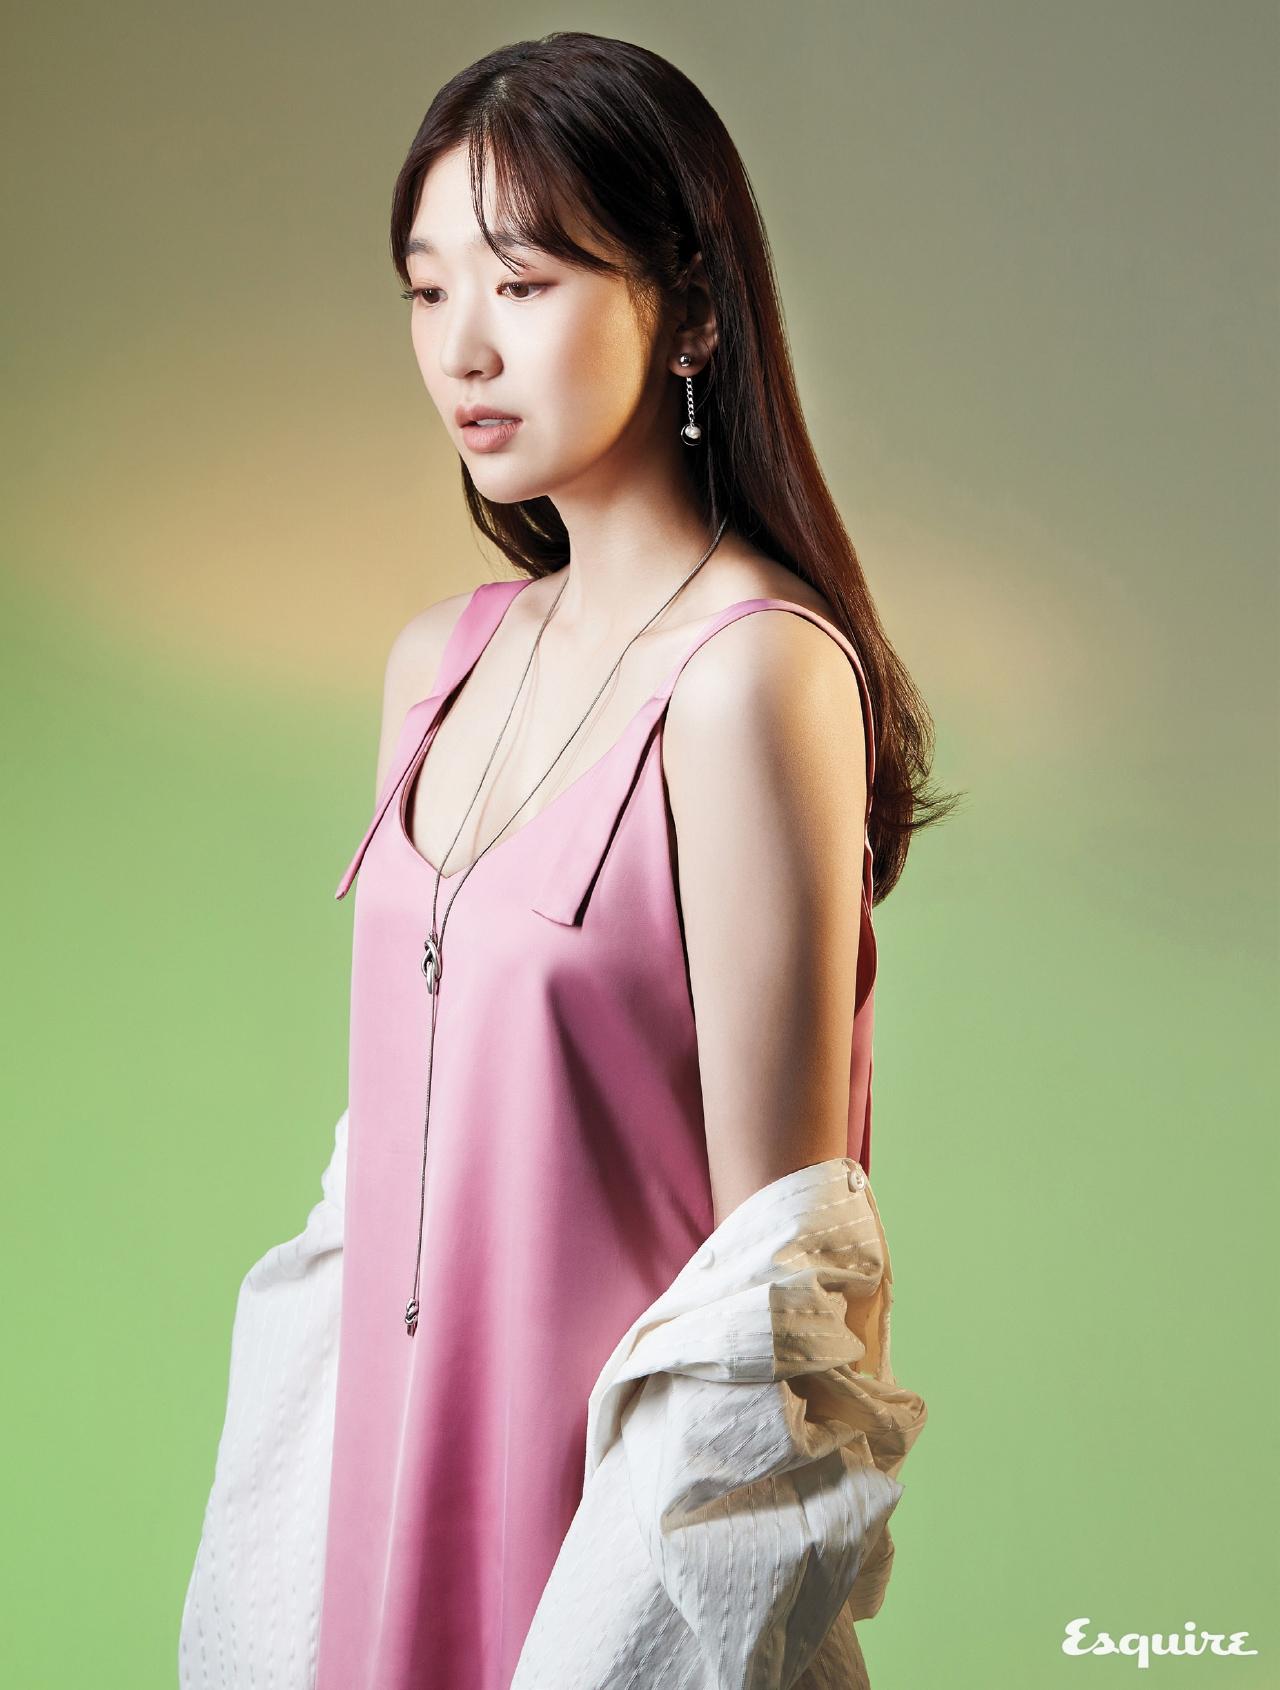 김혜인, 2017'S RAISING STAR - 에스콰이어 Esquire Korea 2017년 2월호